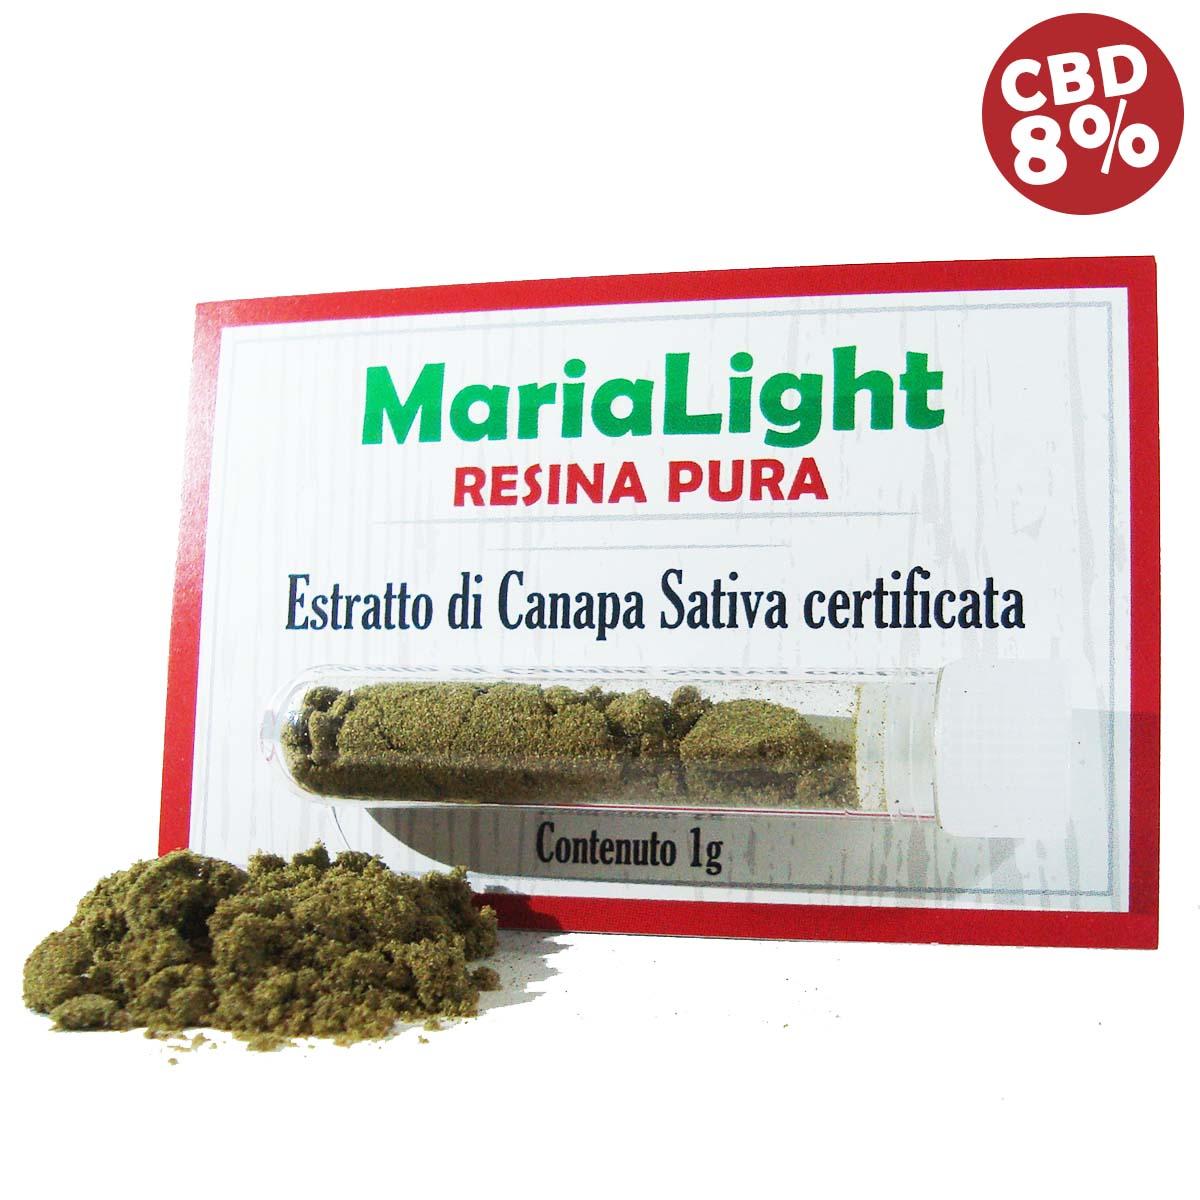 maria light resina pura estratto di canapa